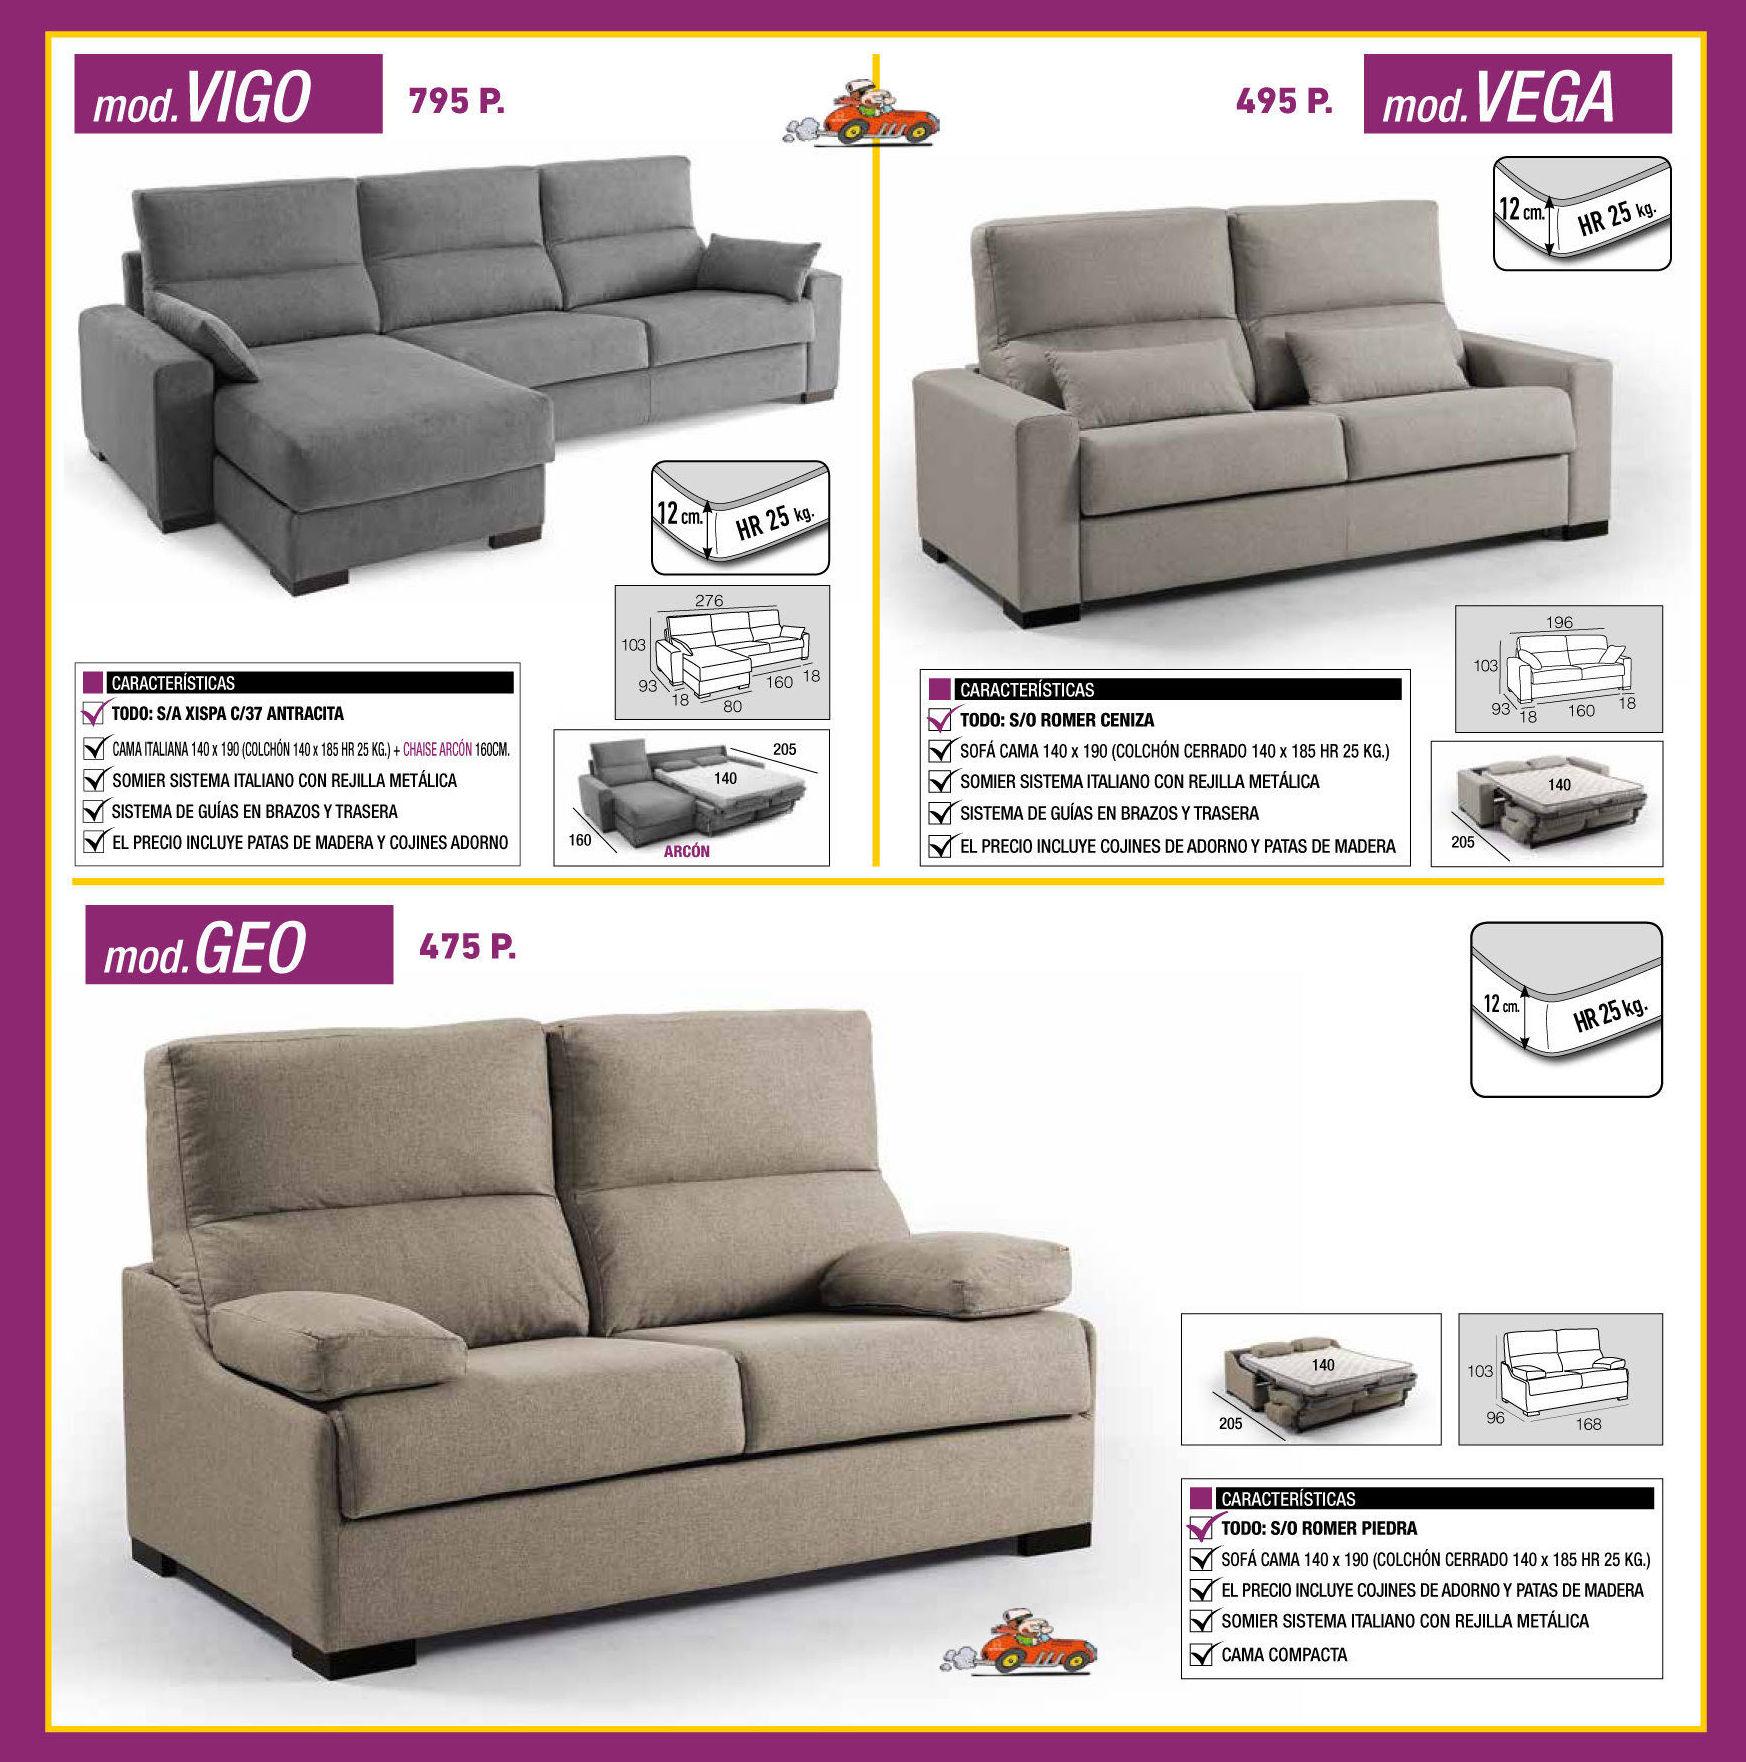 Sofá cama: Mobiliario de Jaume O. Grau Mobles